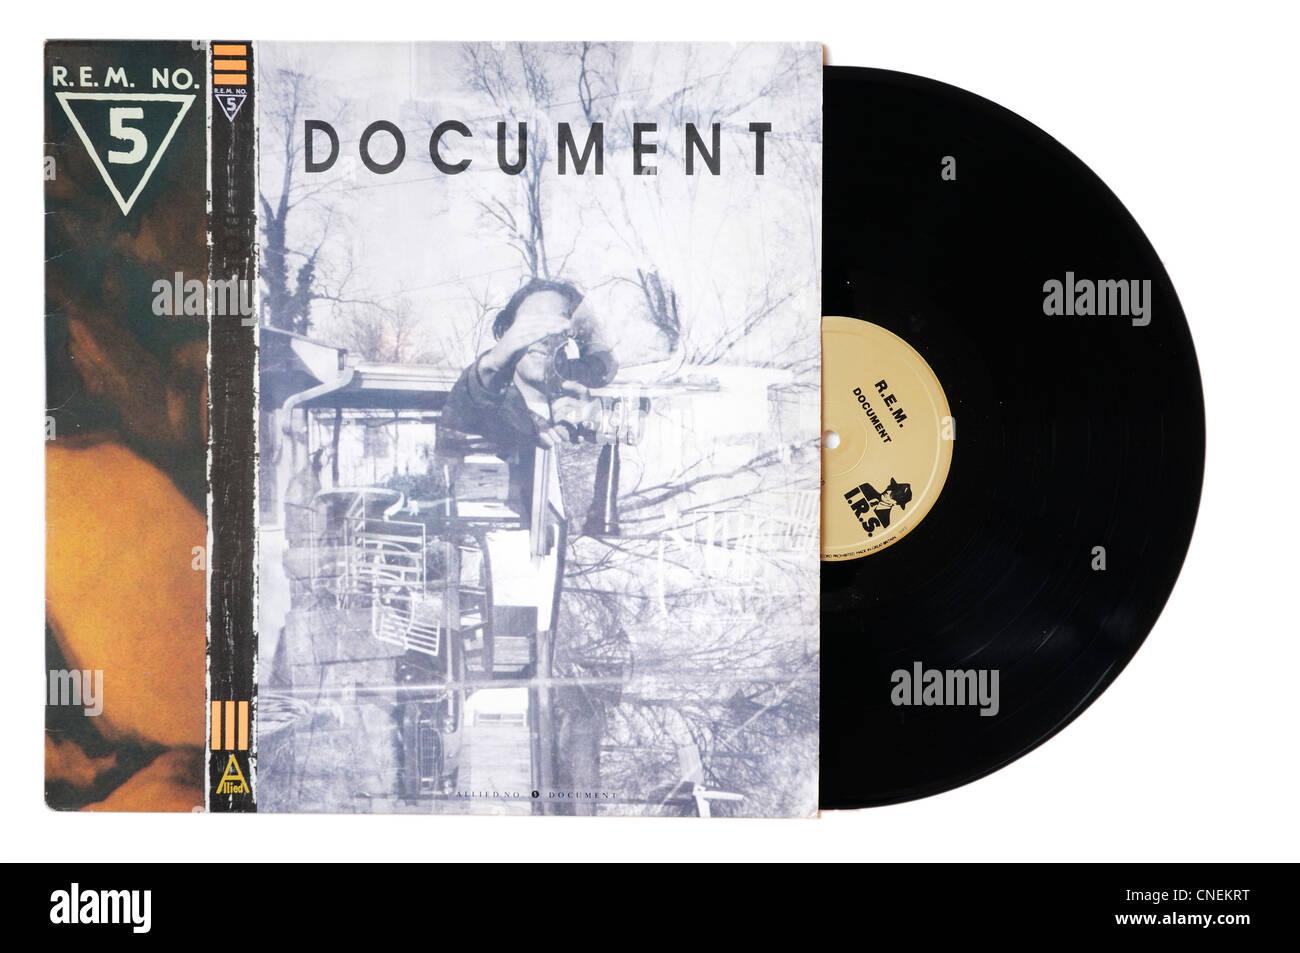 REM Document alpum - Stock Image